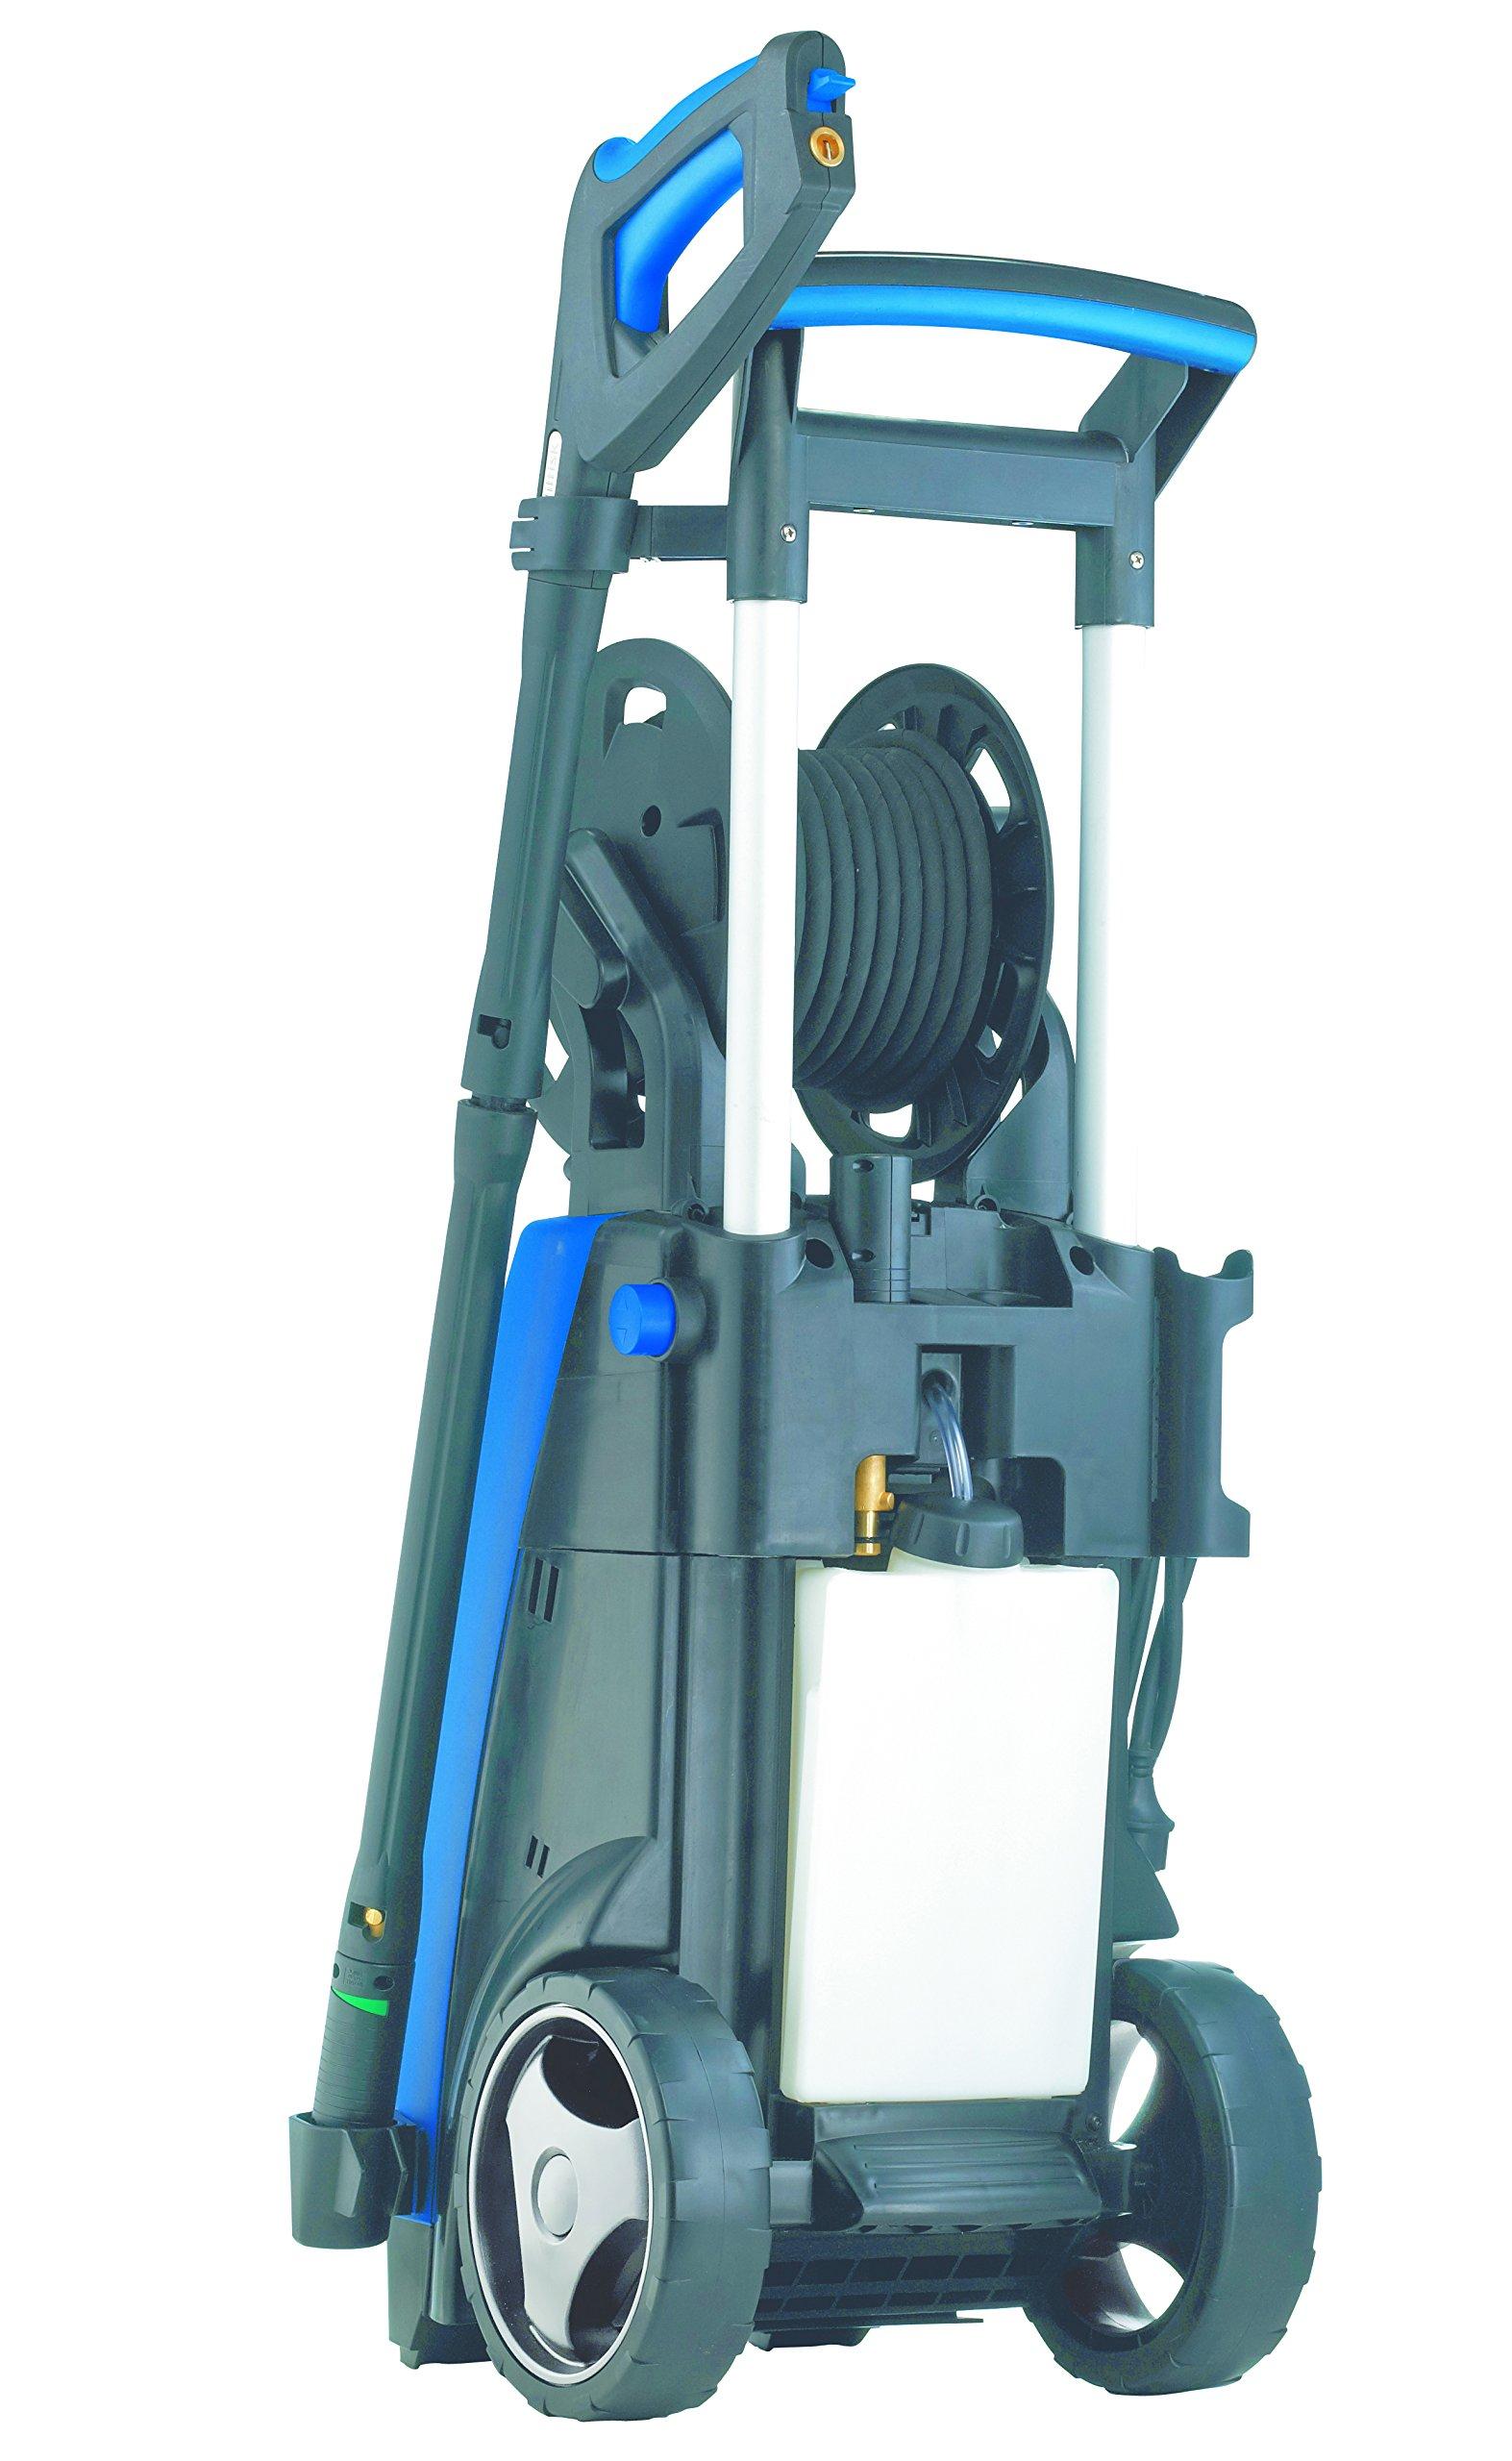 Nilfisk-Hochdruckreiniger-P-1602-15-X-TRA-128470133